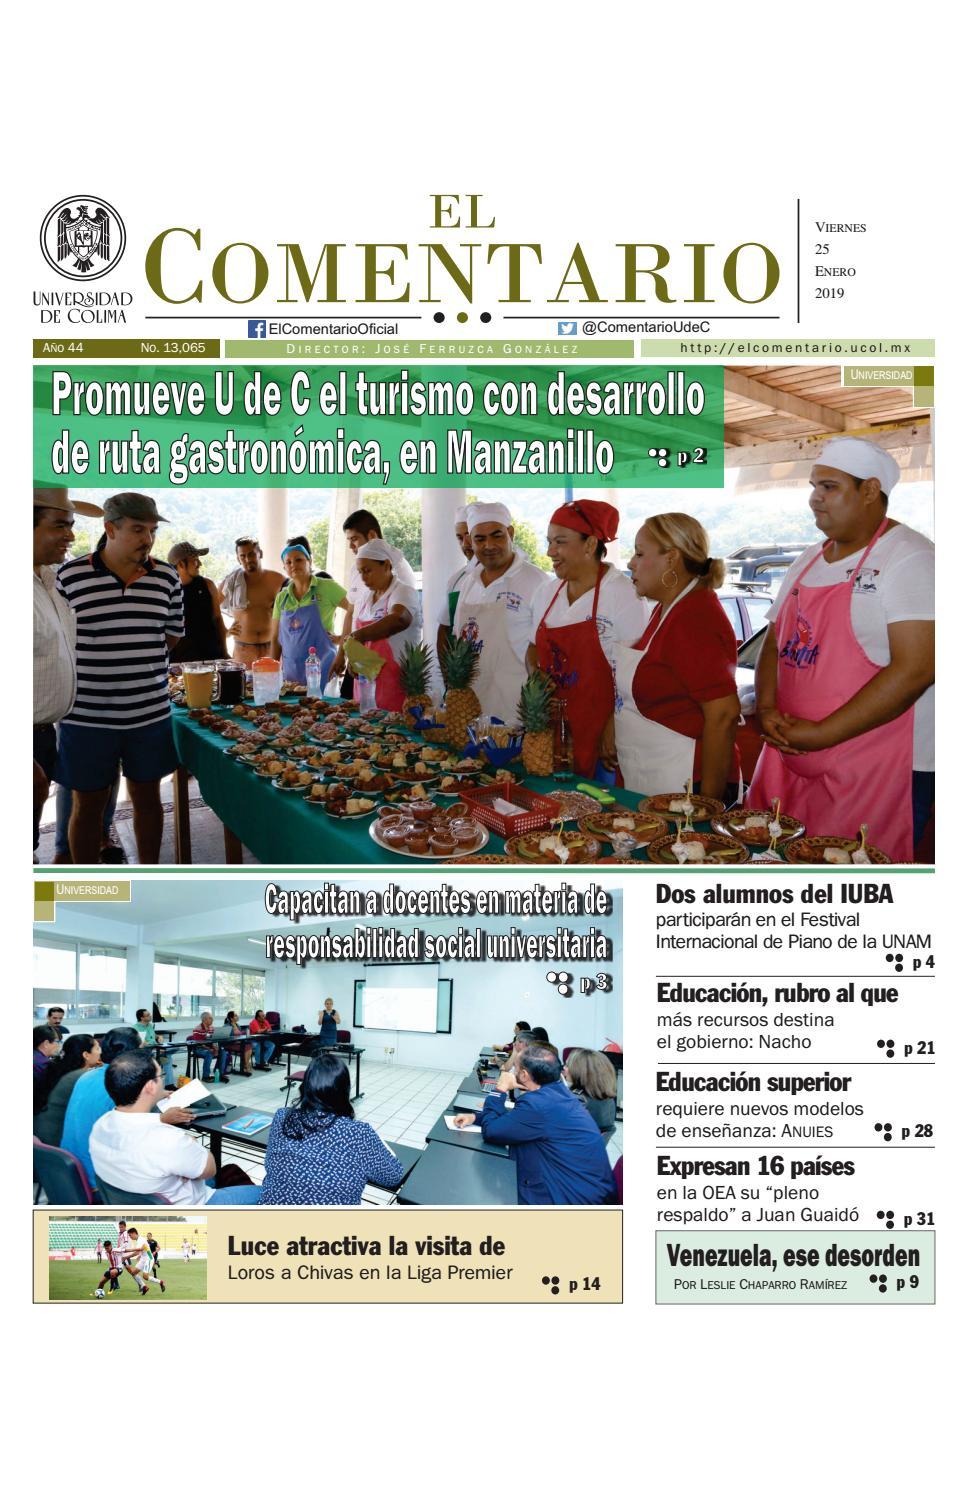 Edición del viernes by Pepe Ferruzca - issuu 42a09fa433316